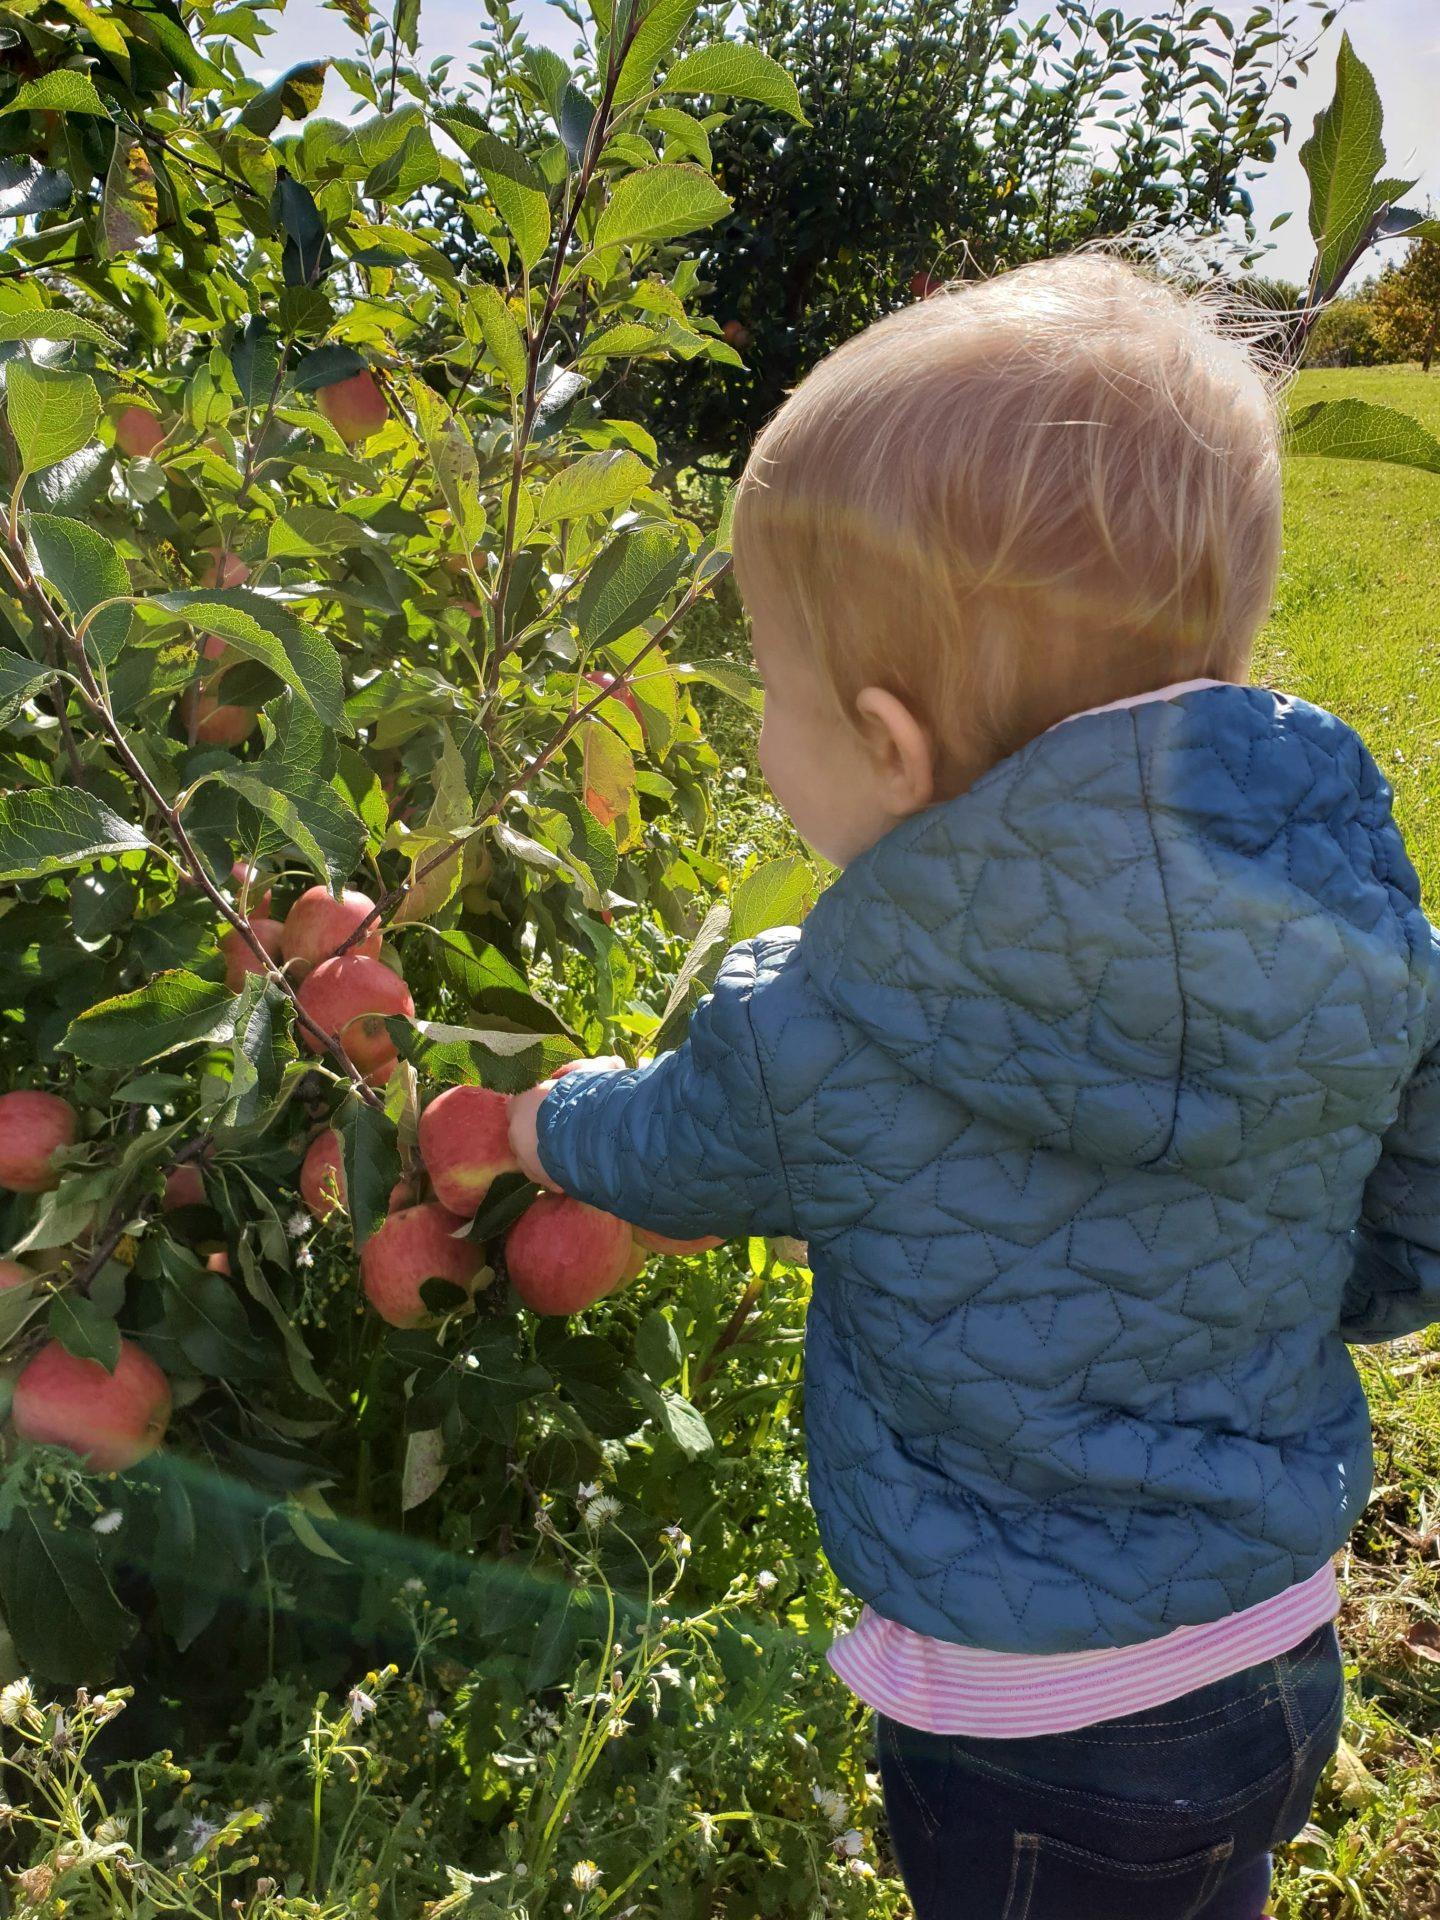 Toddler picking apples in Meopham Kent